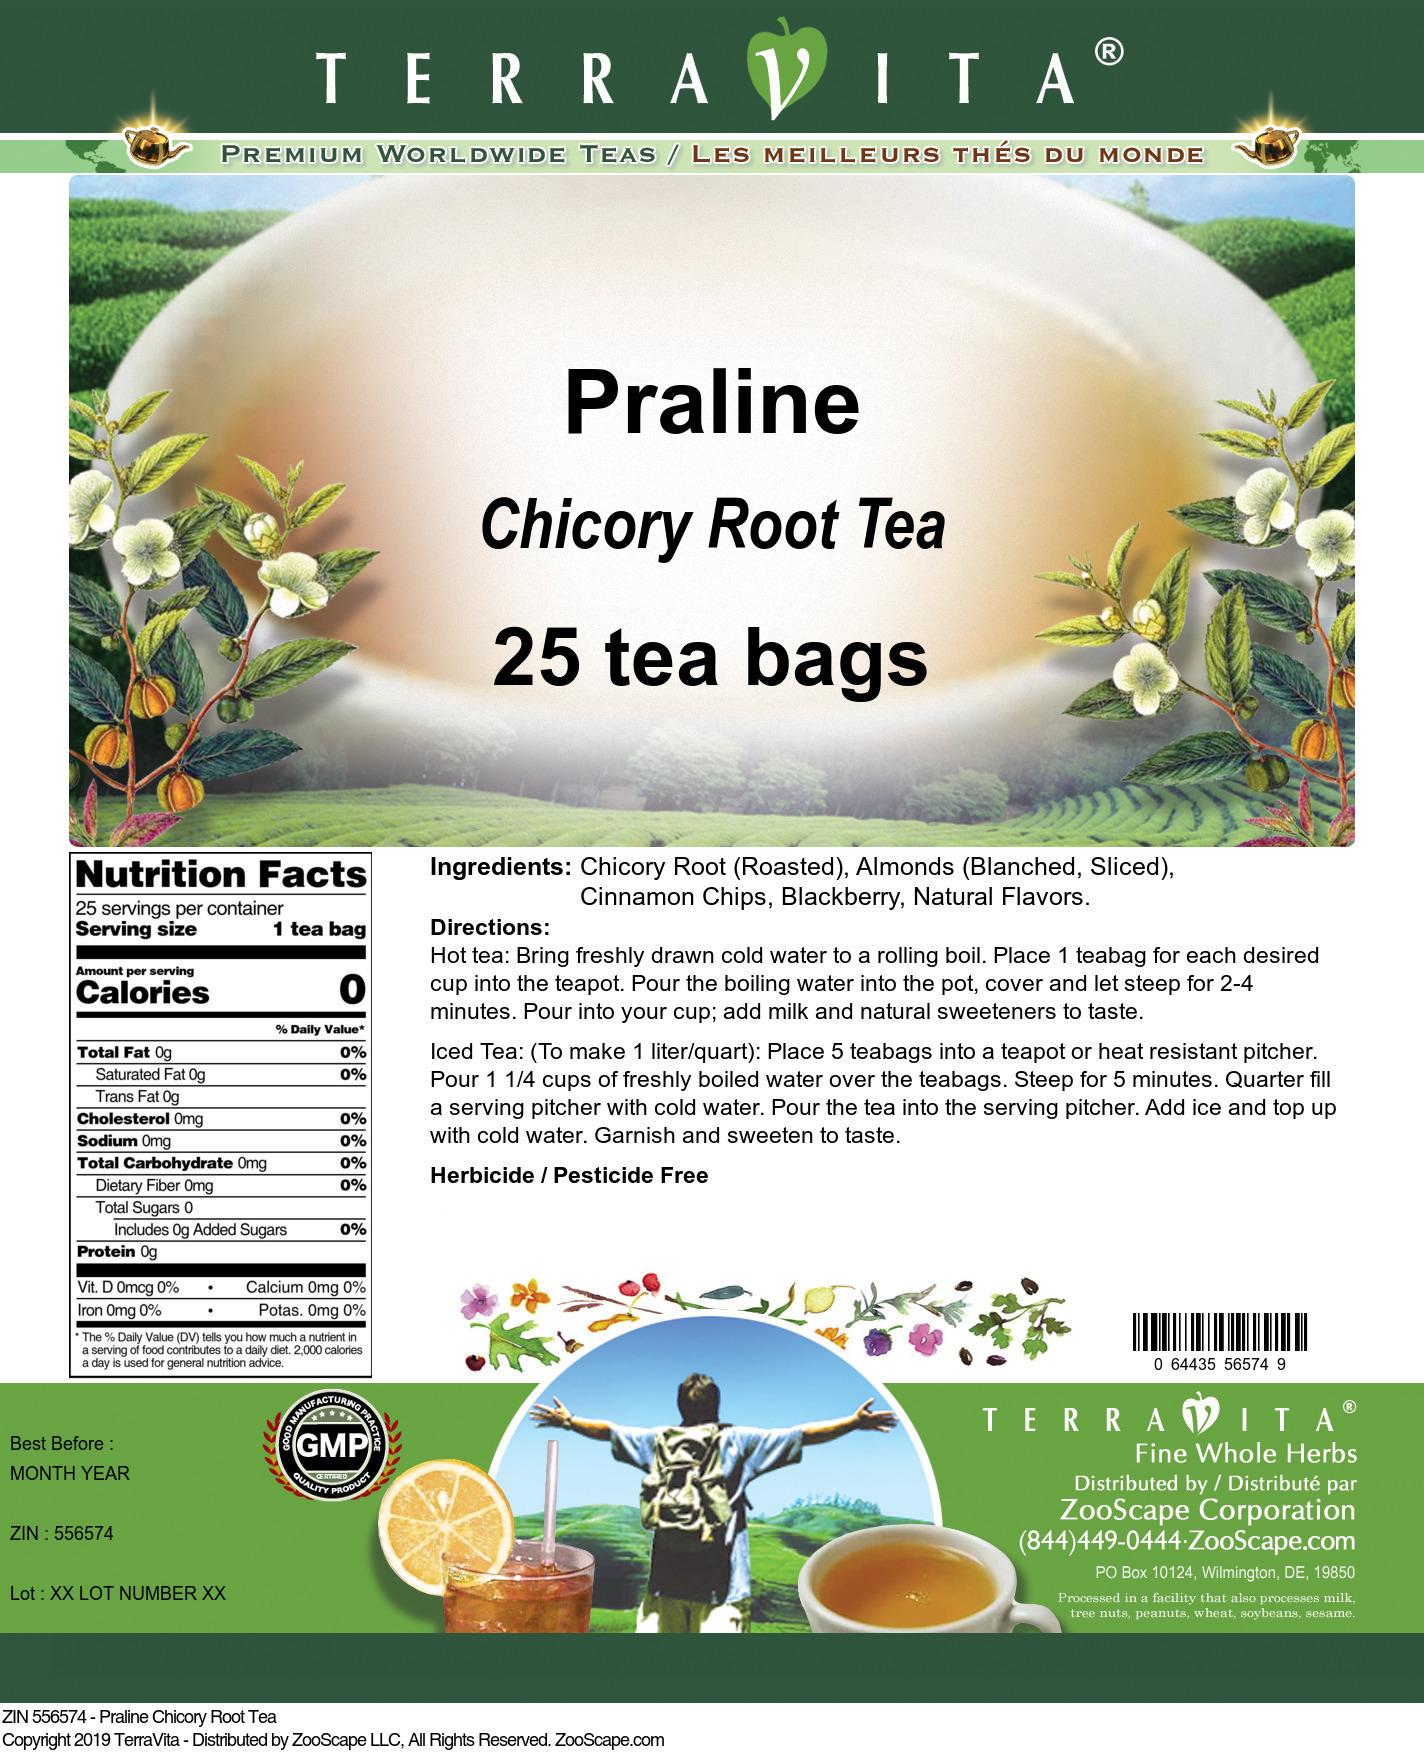 Praline Chicory Root Tea